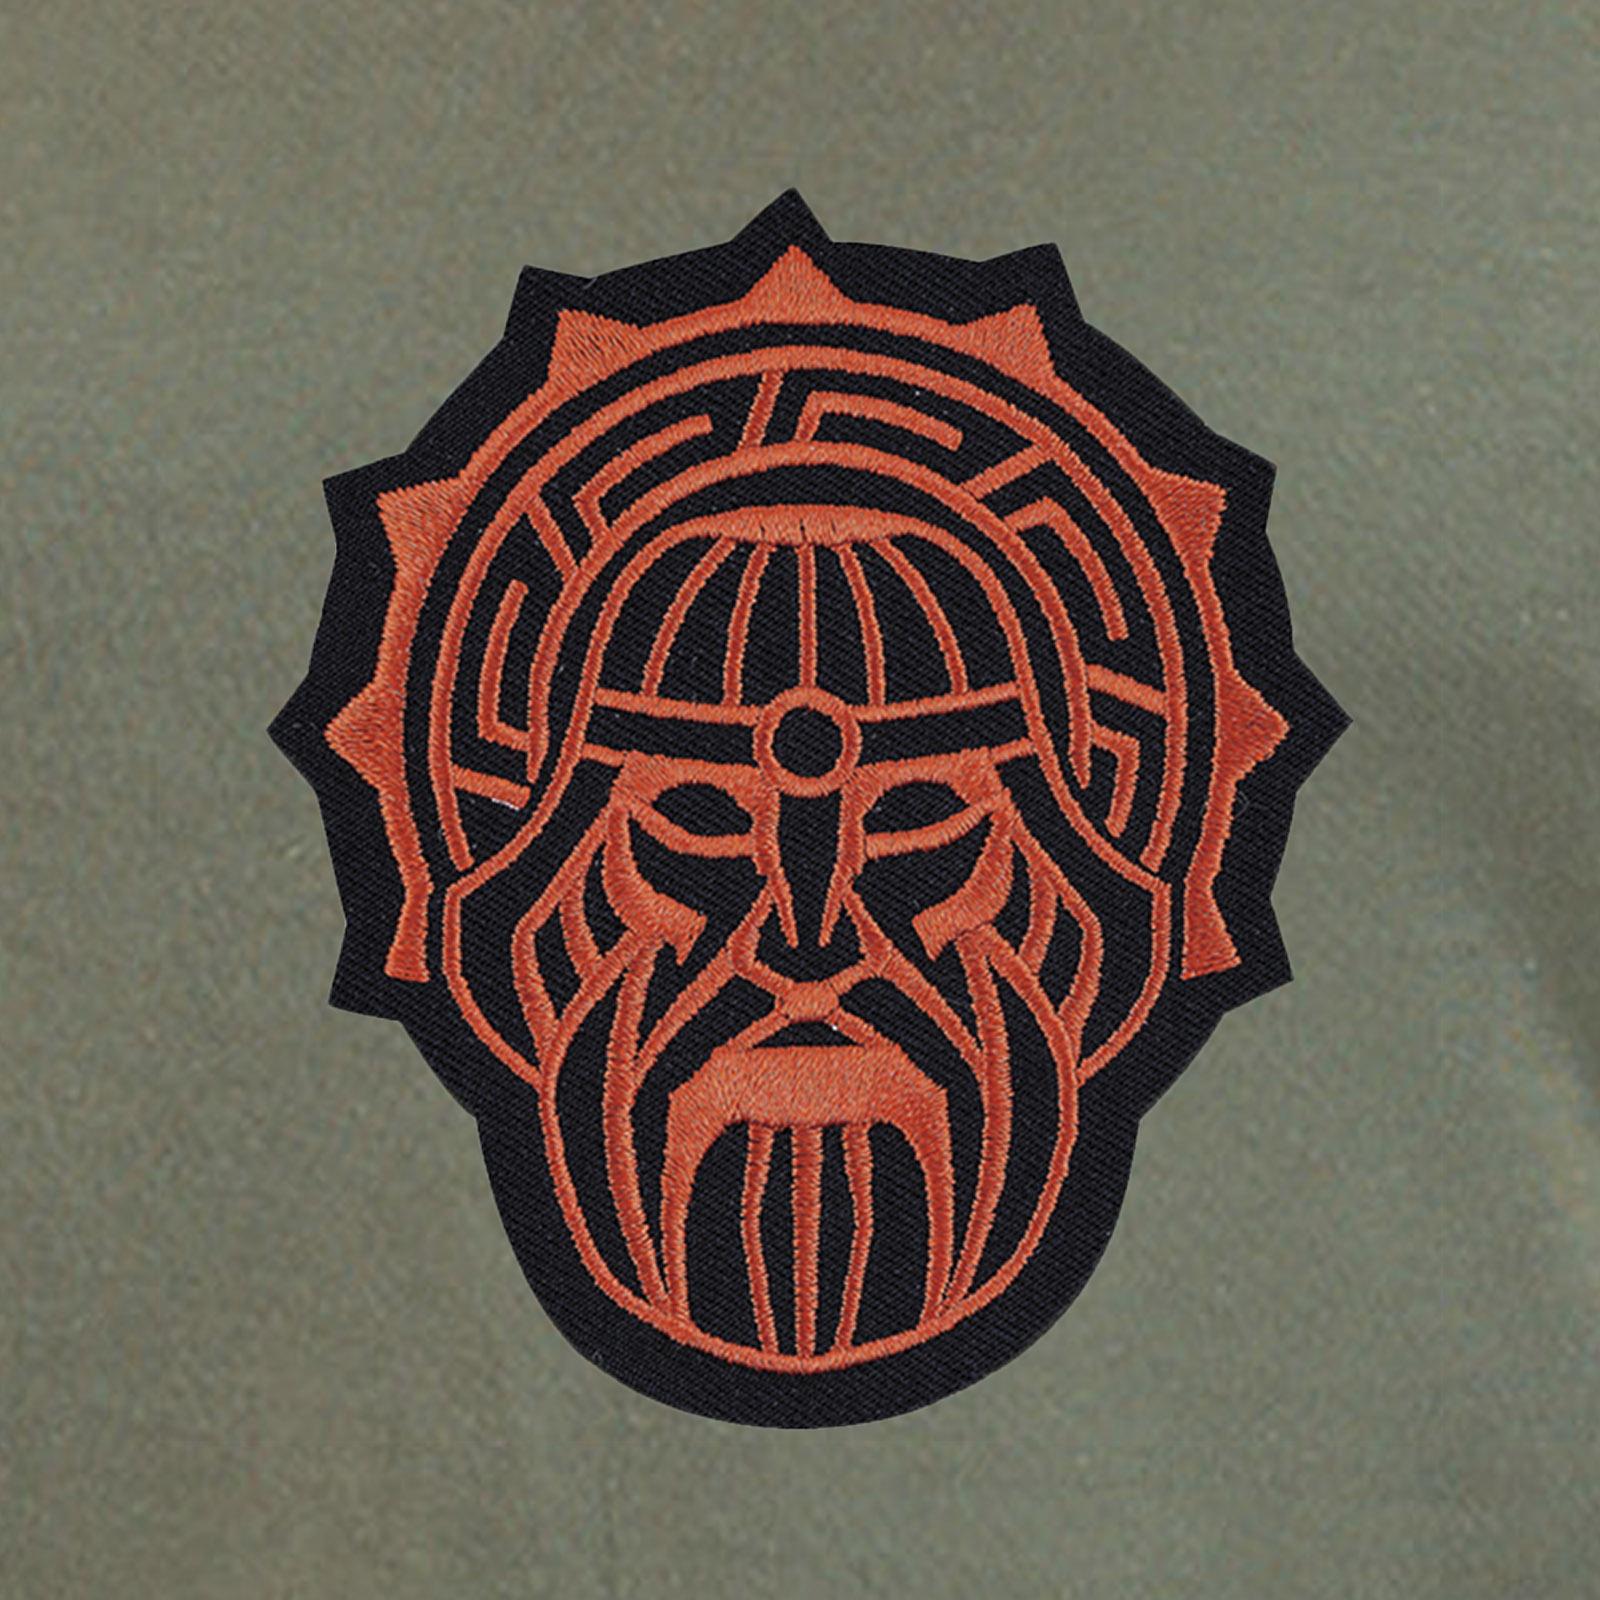 Мужская футболка с символом Сварога